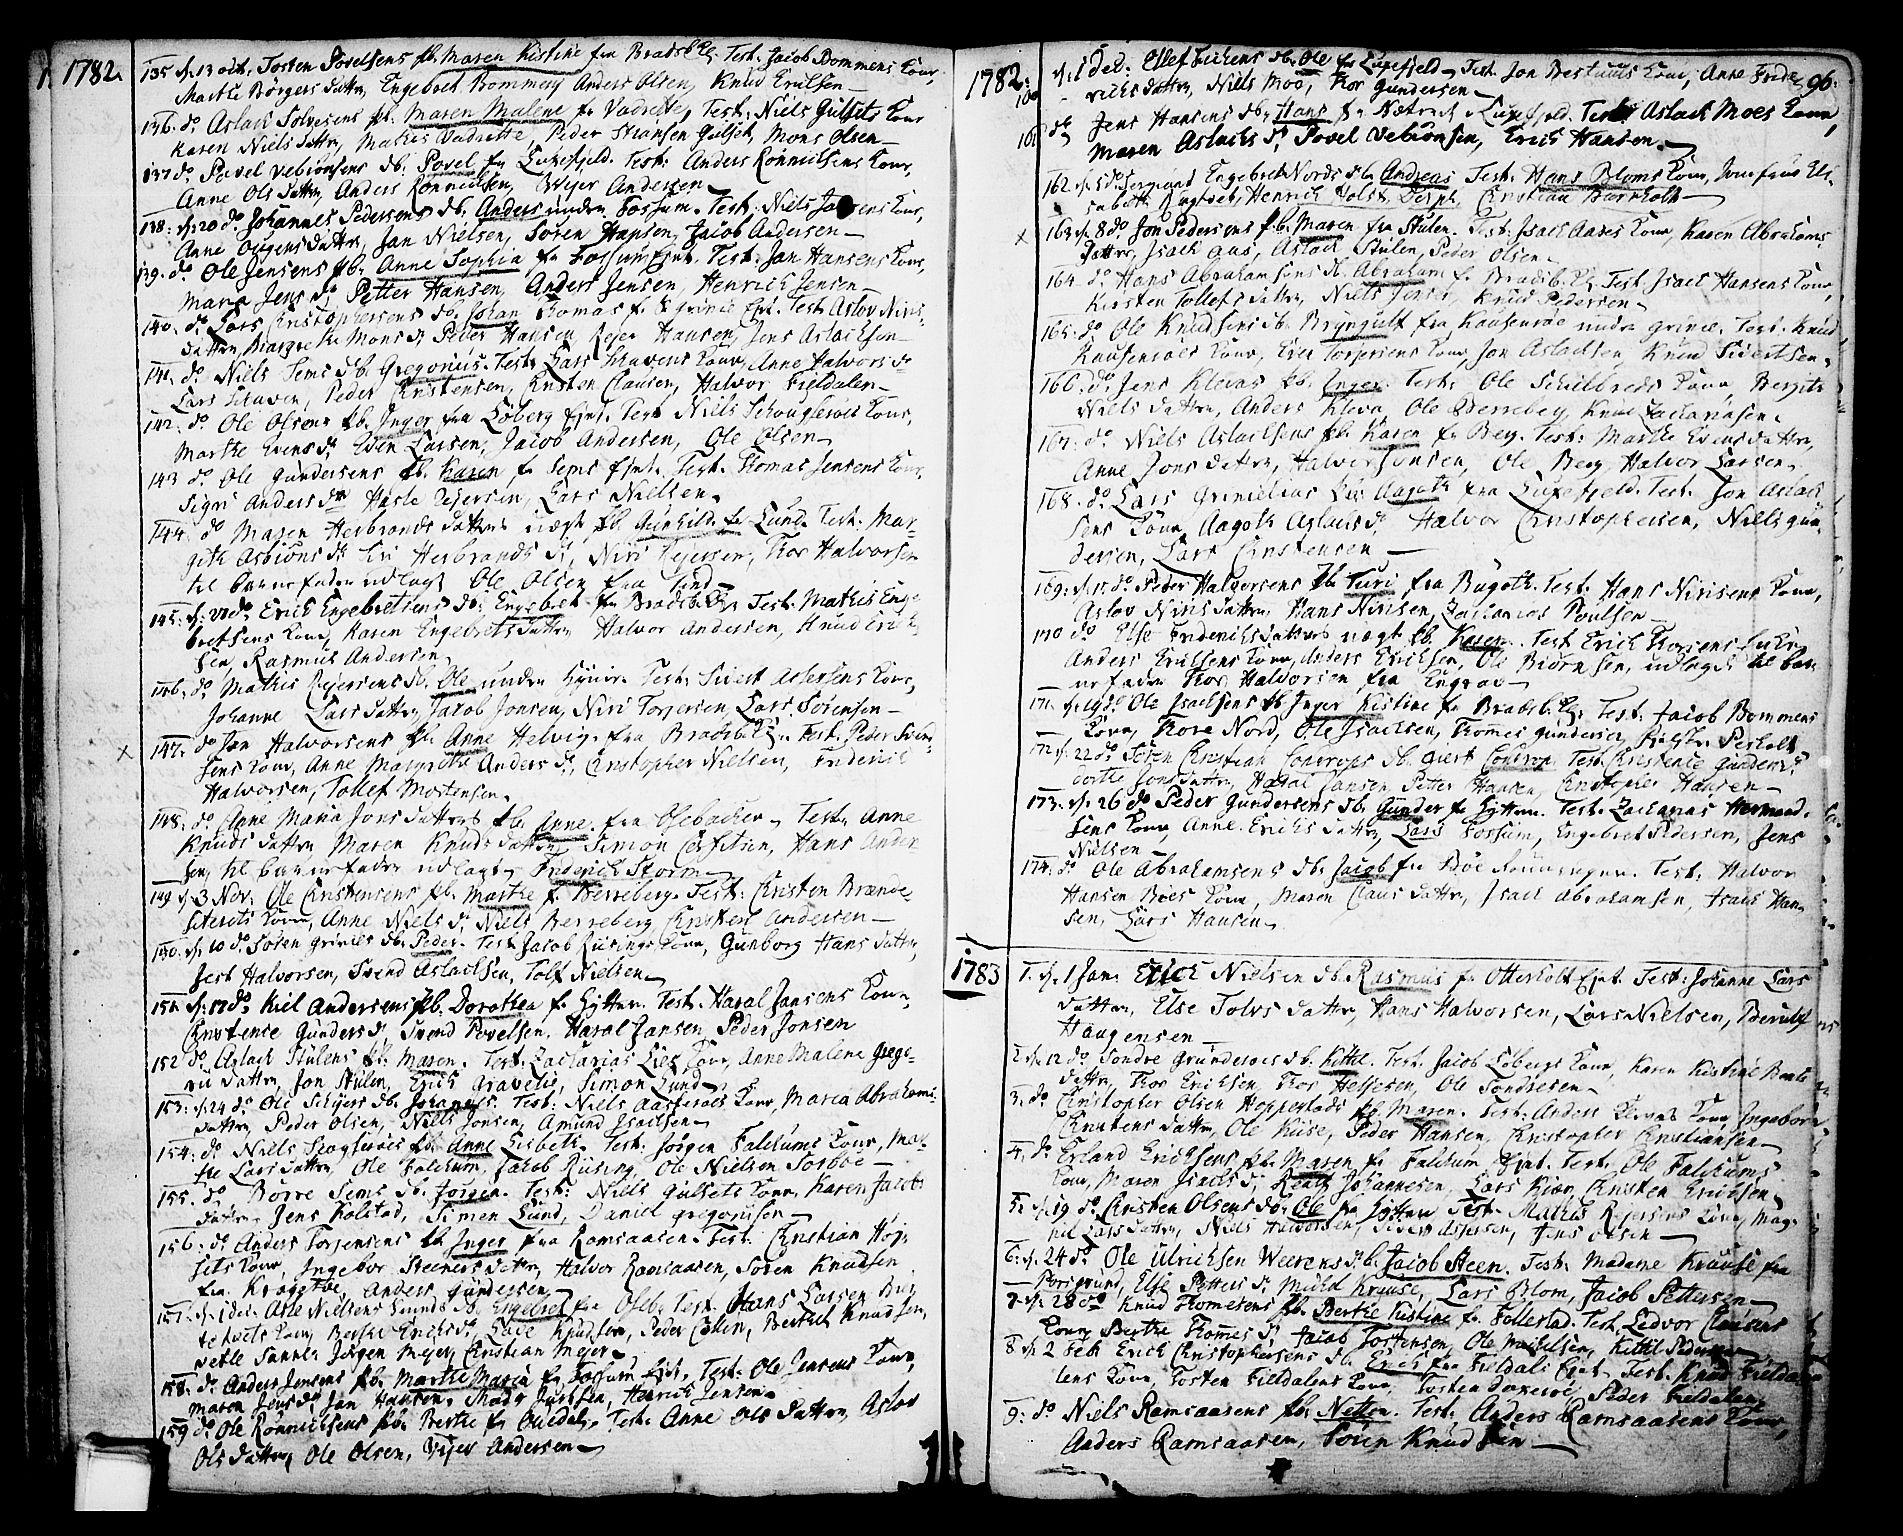 SAKO, Gjerpen kirkebøker, F/Fa/L0002: Ministerialbok nr. 2, 1747-1795, s. 96